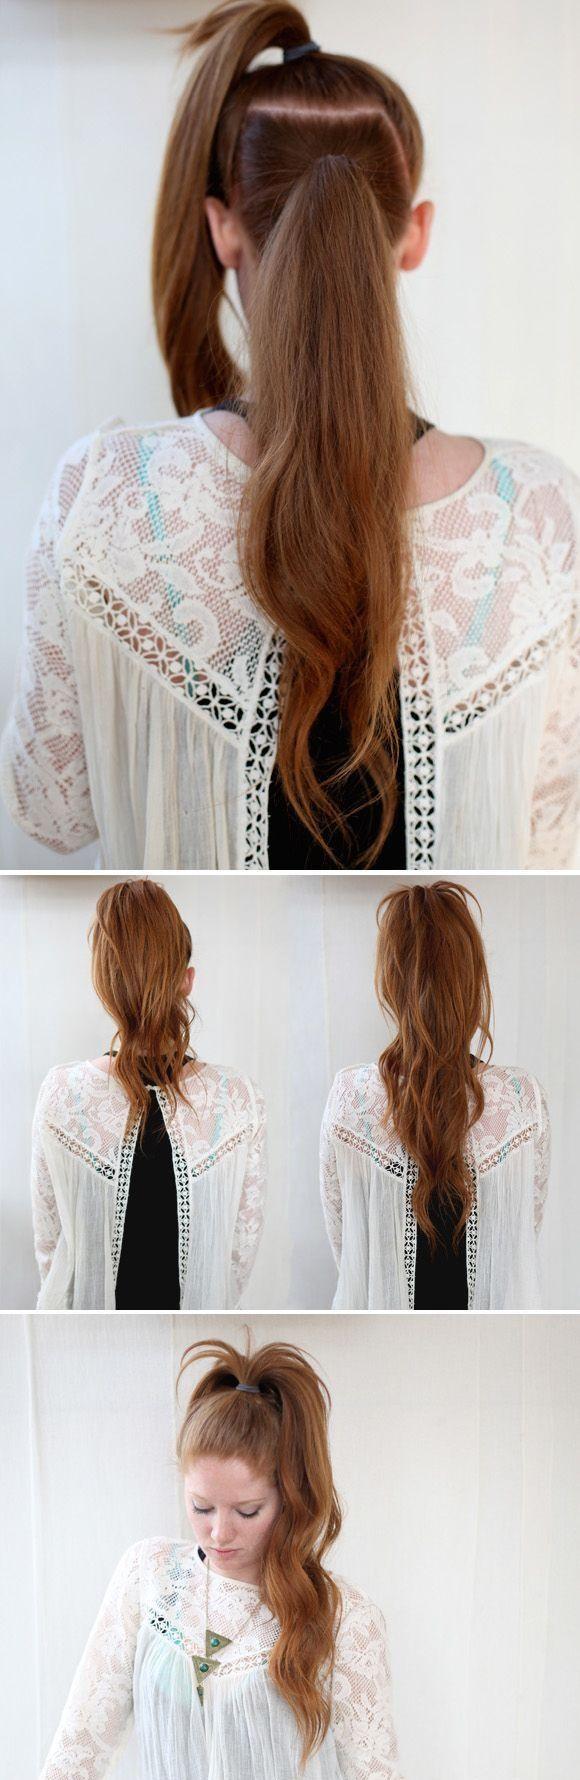 Olvídate de las extensiones, darle un look más largo depende por completo del peinado que nos hagamos y el corte de pelo que tengamos.